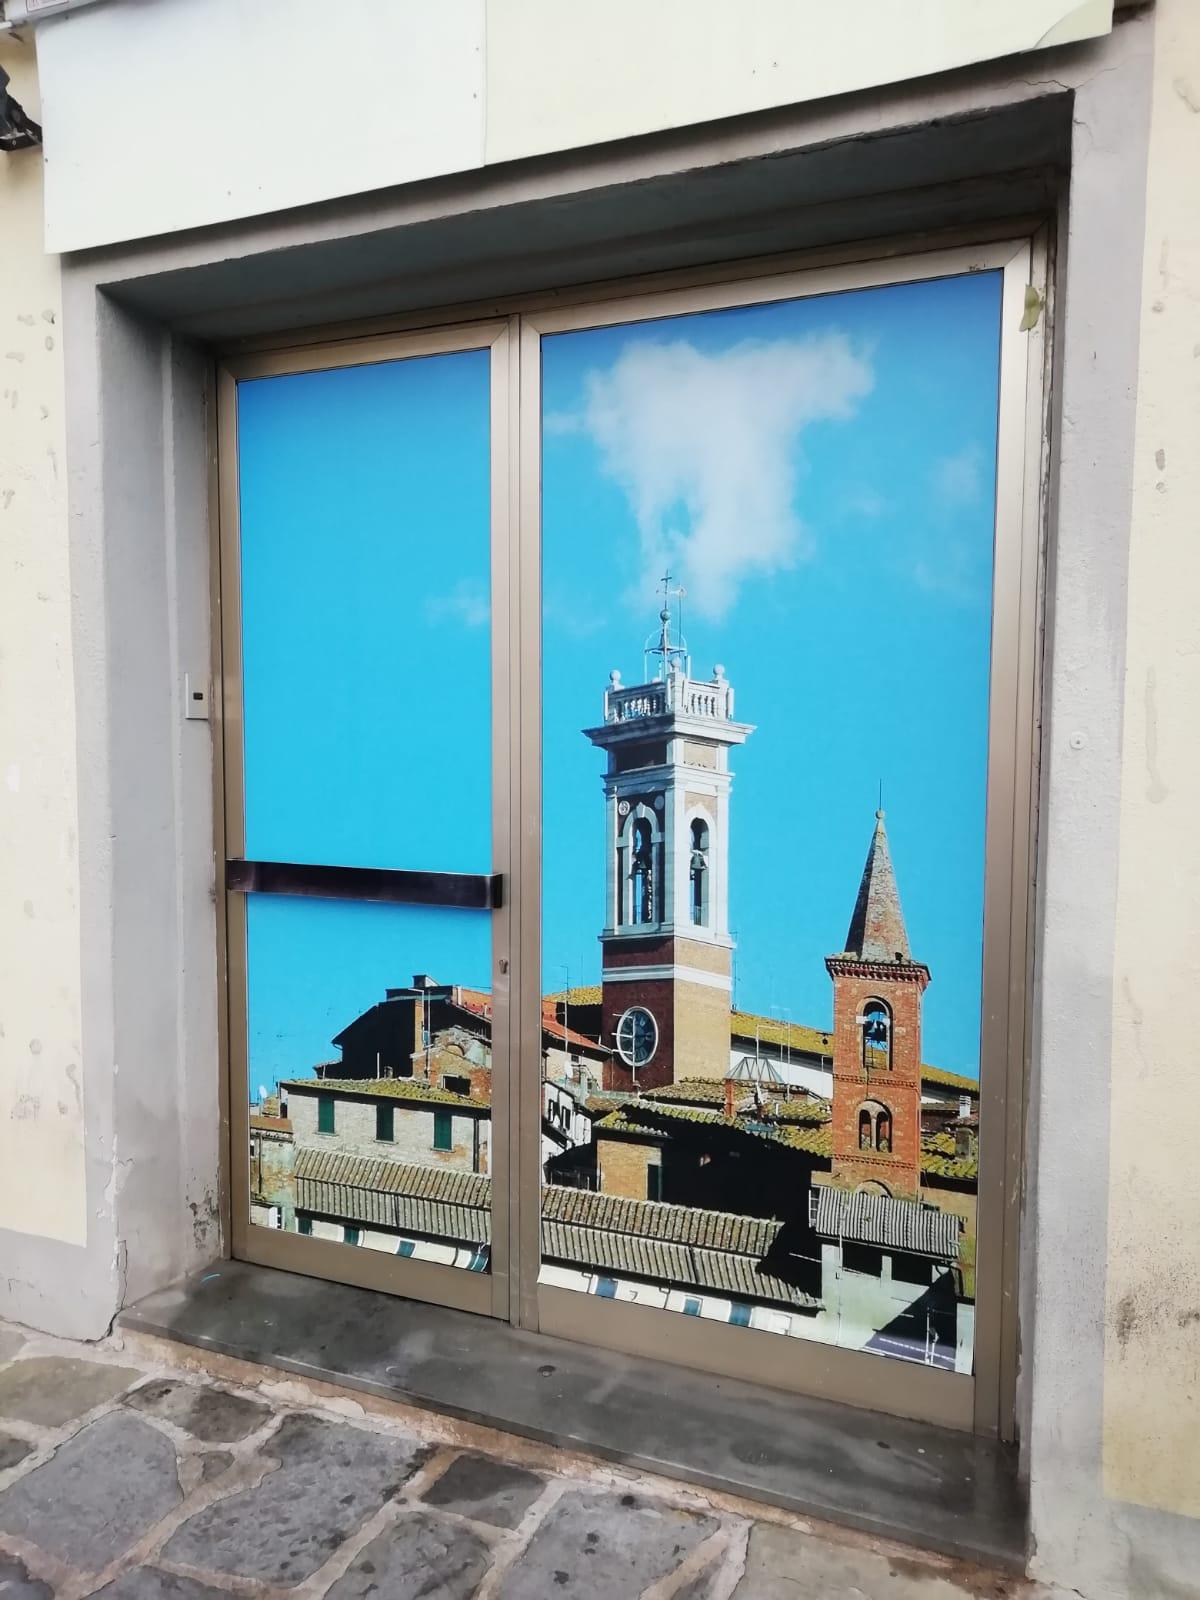 Festa di San martino a Foiano e progetti per la riqualificazione del centro storico